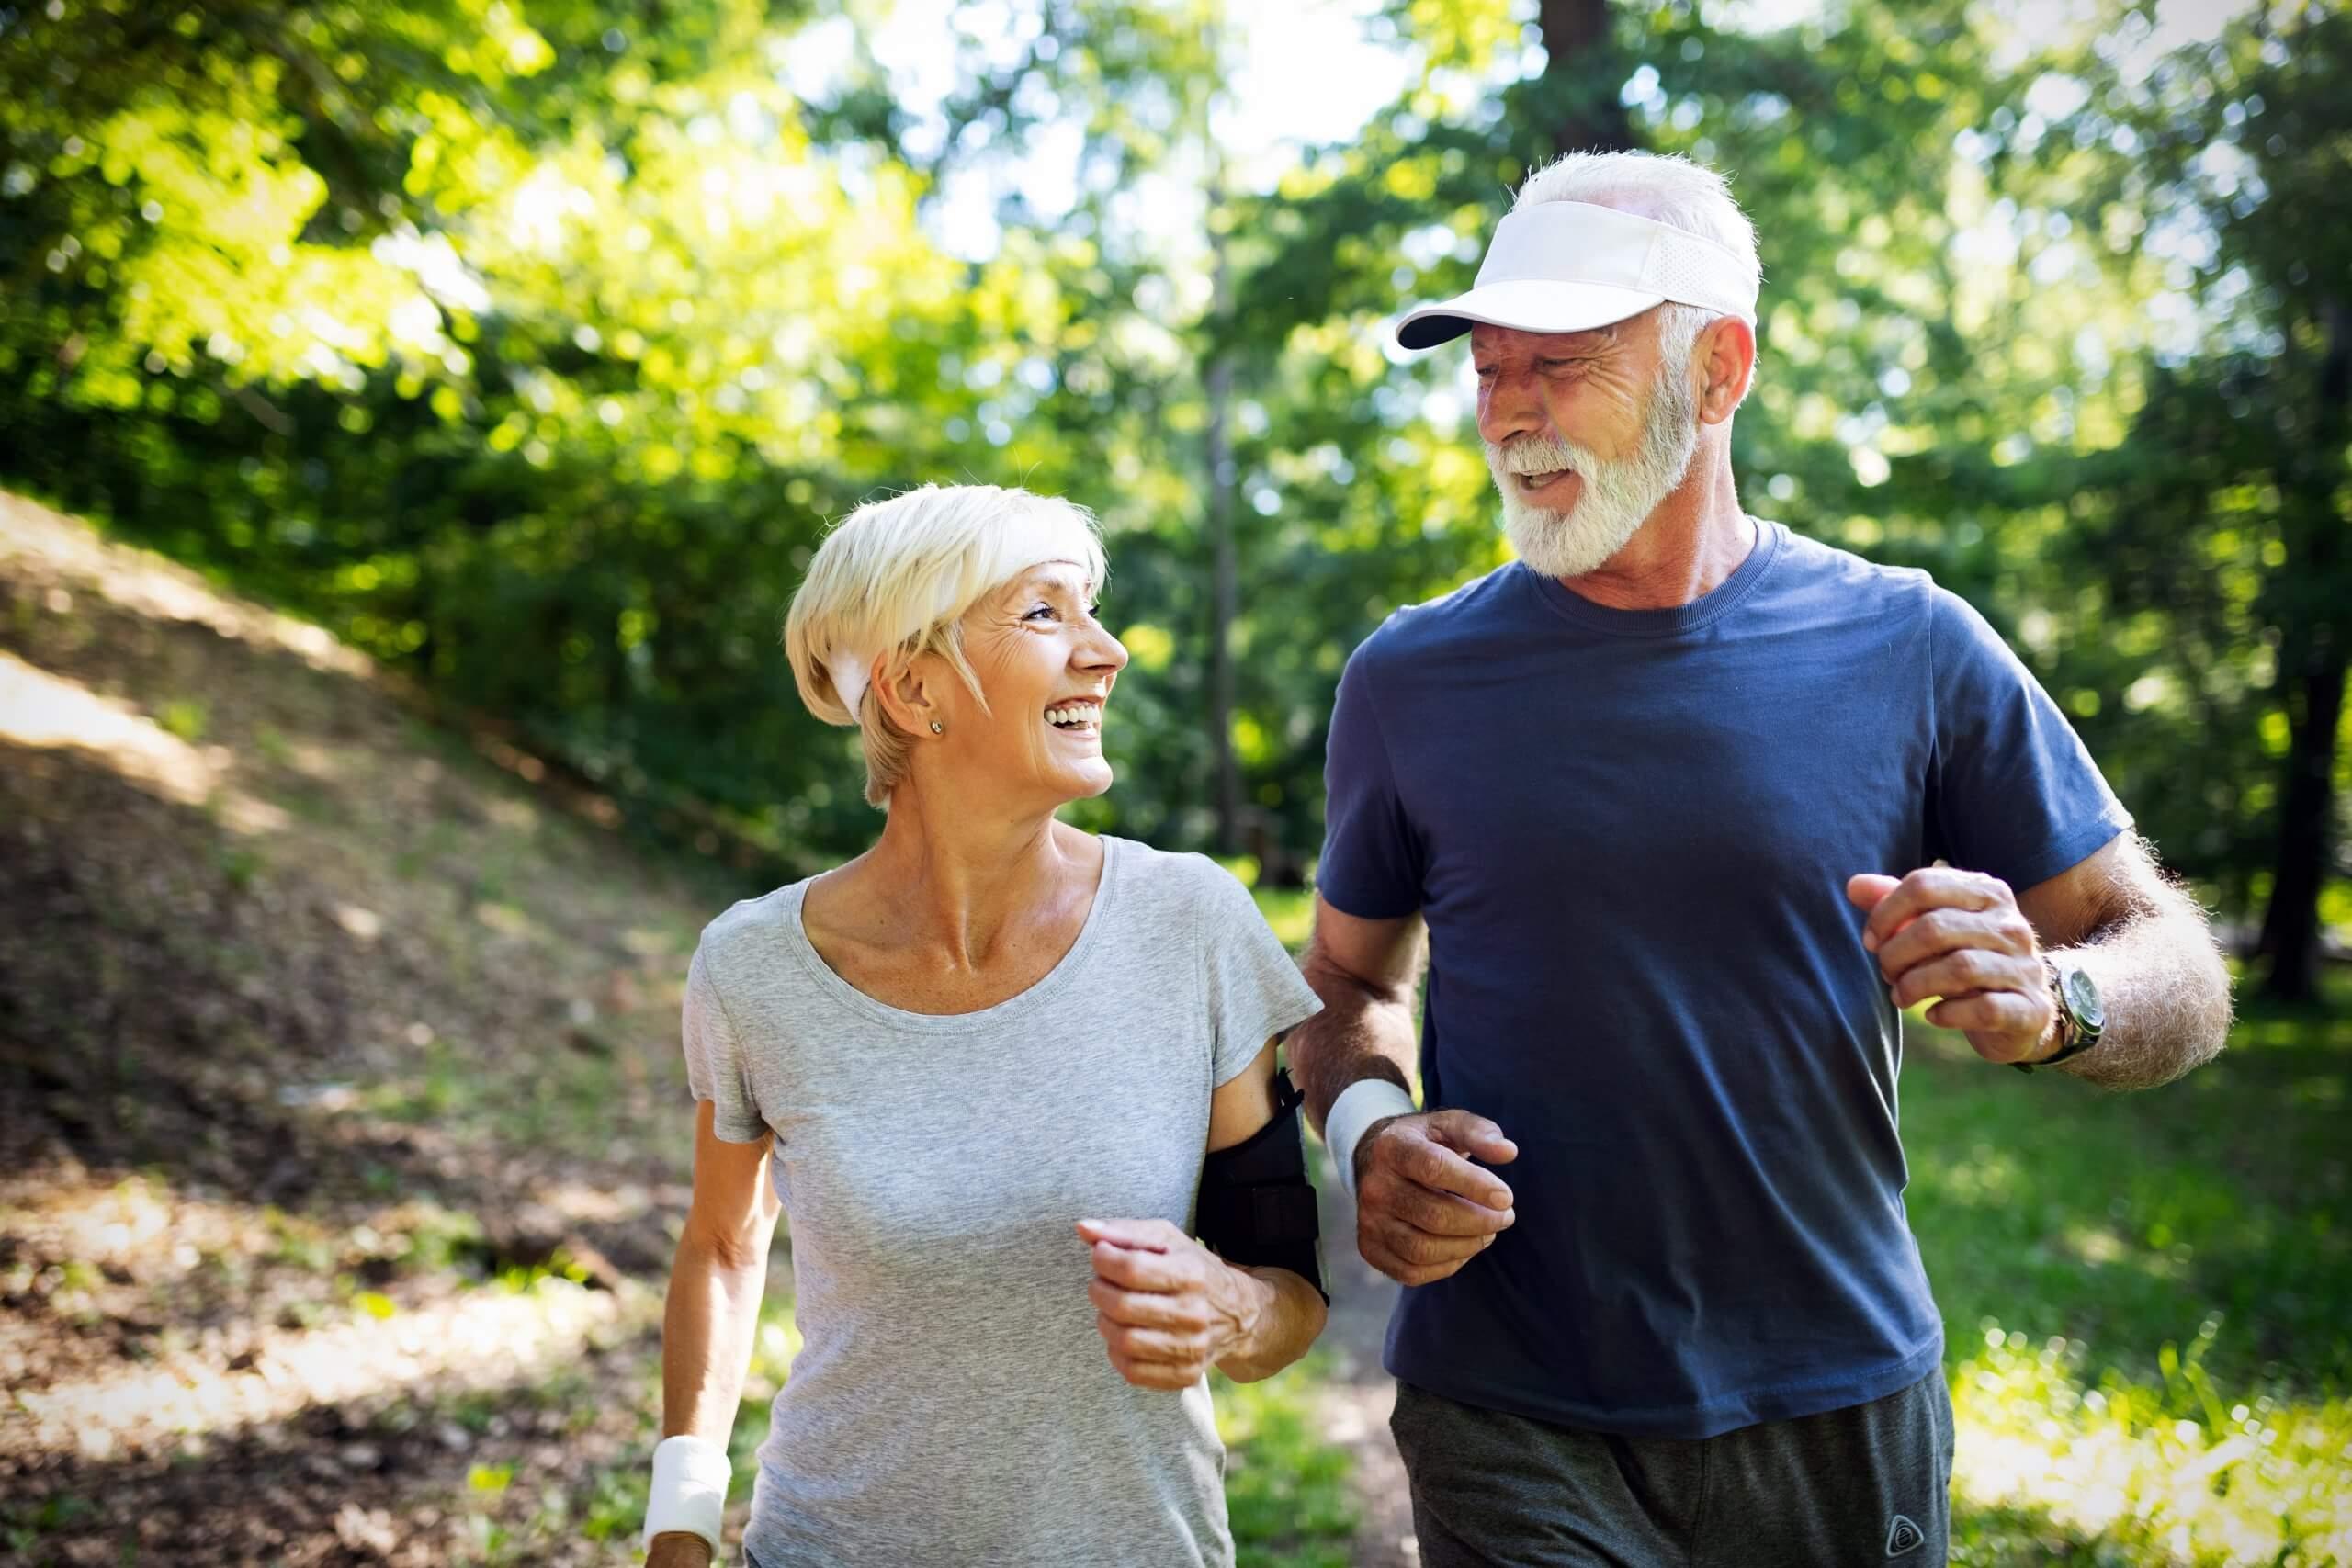 Healthy senior couple outside walking